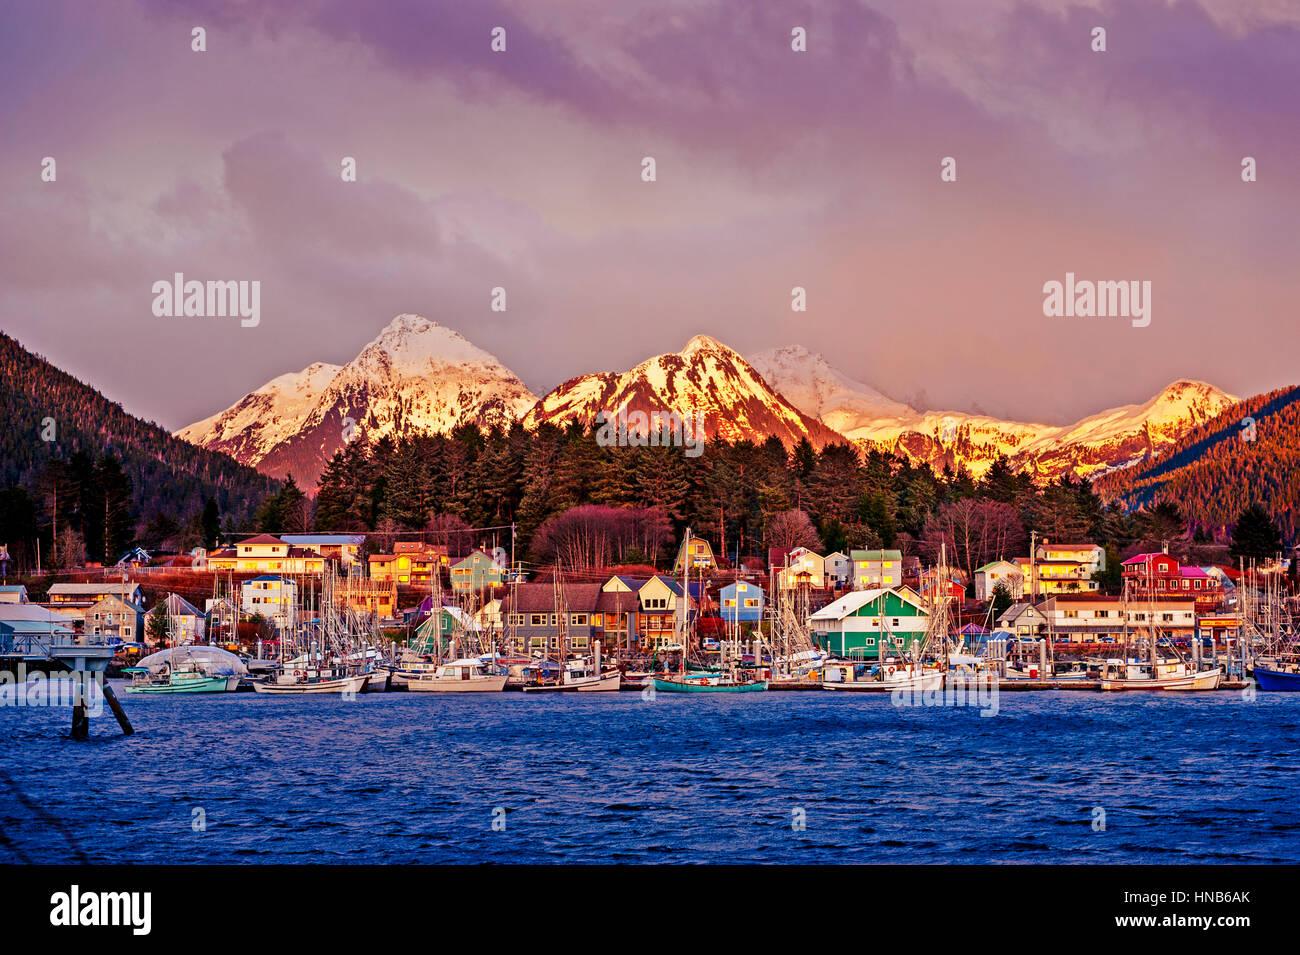 Alaska Native Brotherhood, ANB Harbor and the Sisters mountains at sunset, downtown Sitka, Alaska, USA.  Photography - Stock Image